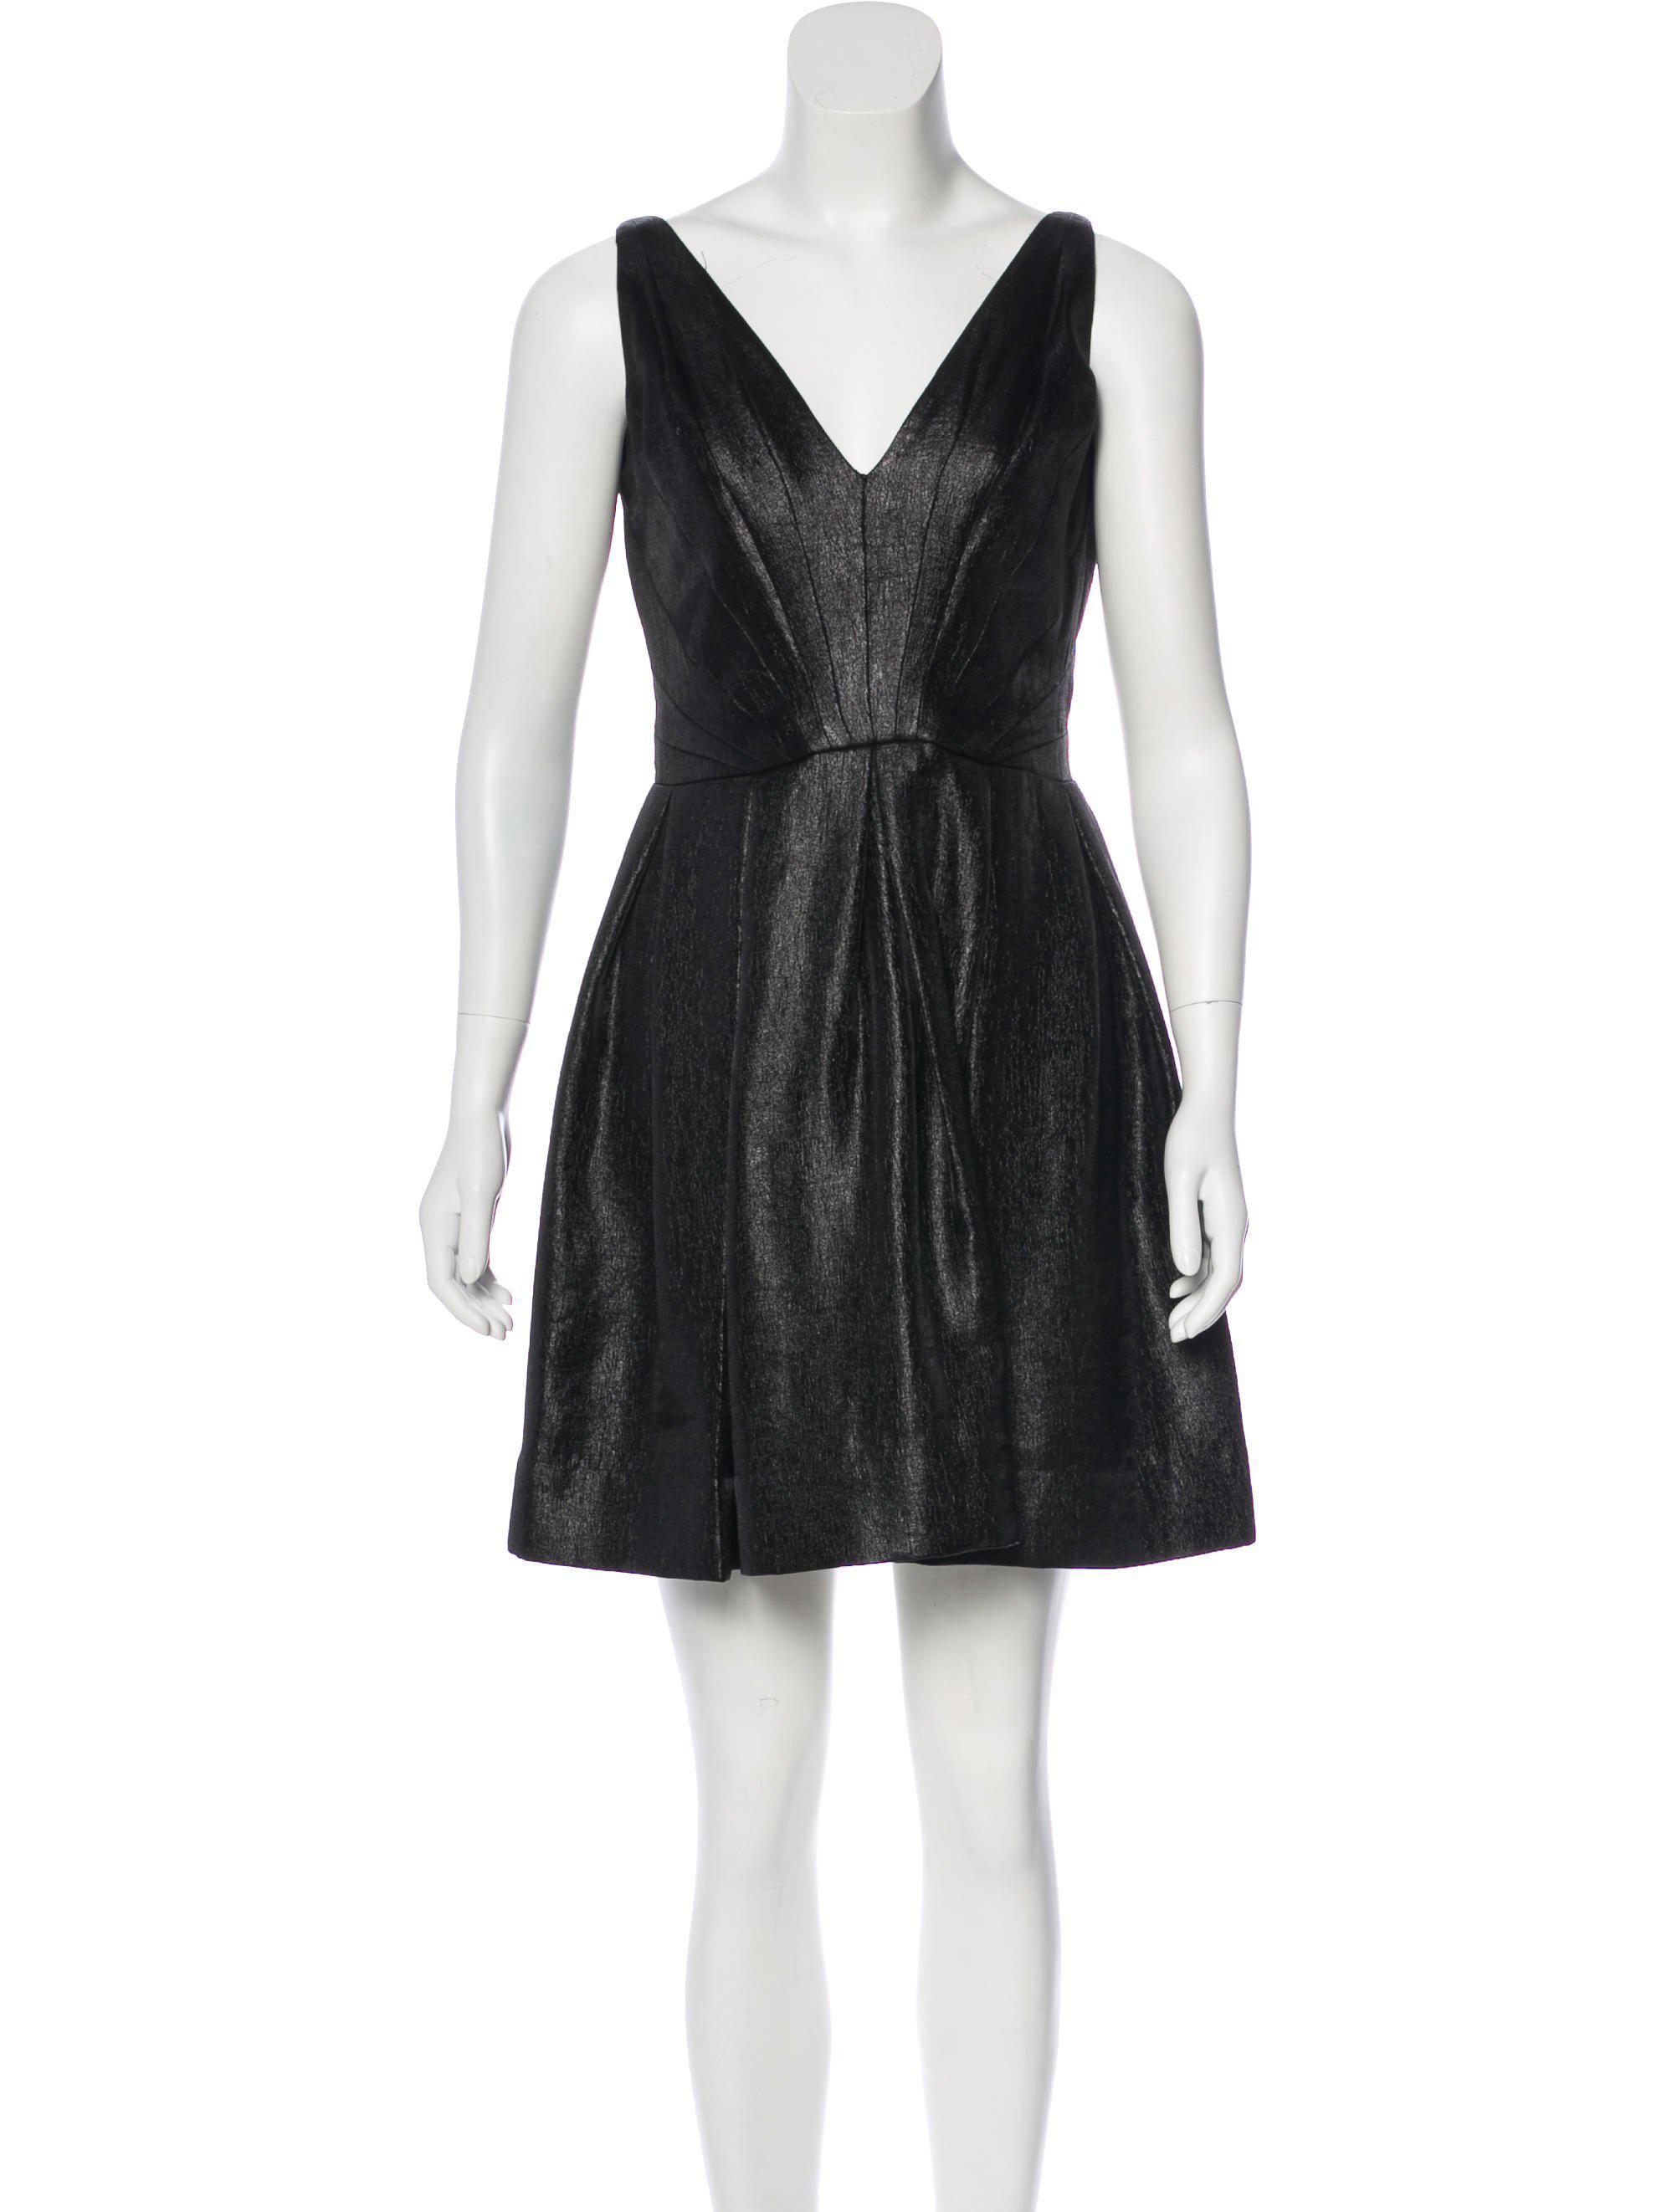 Lyst - Z Spoke By Zac Posen Sleeveless Metallic Mini Dress in Black 0fd9d5f9d